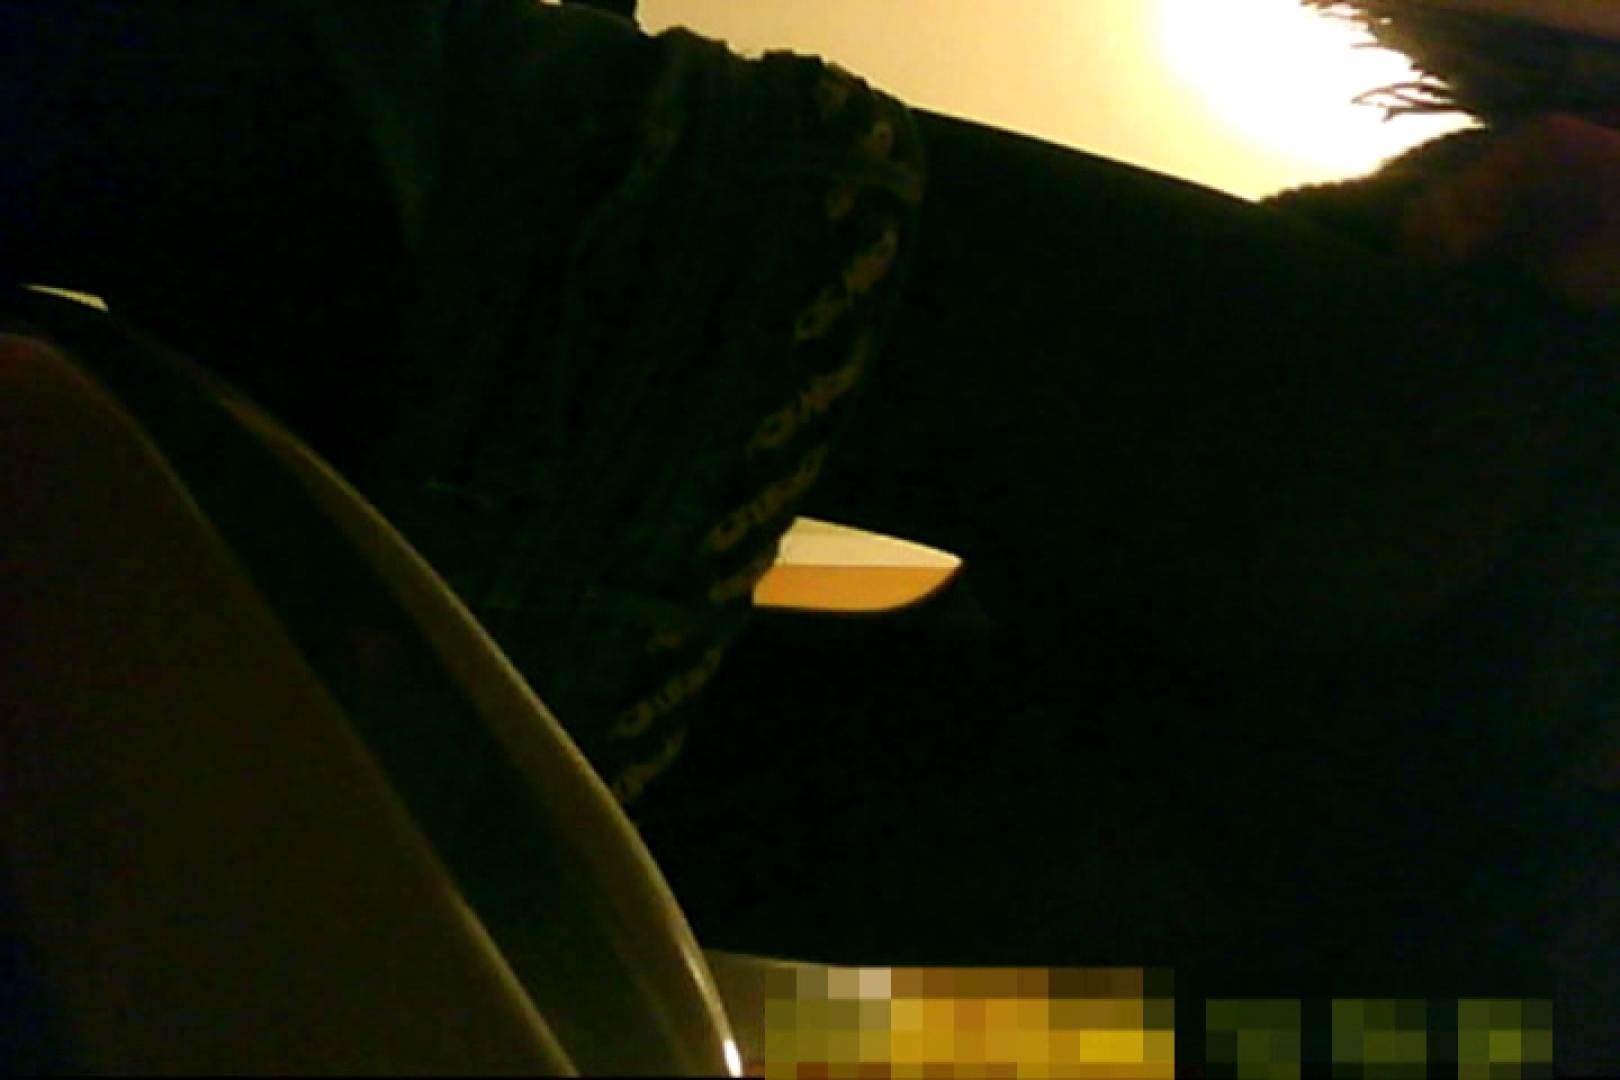 魅惑の化粧室~禁断のプライベート空間~vol.10 盗撮  68連発 63